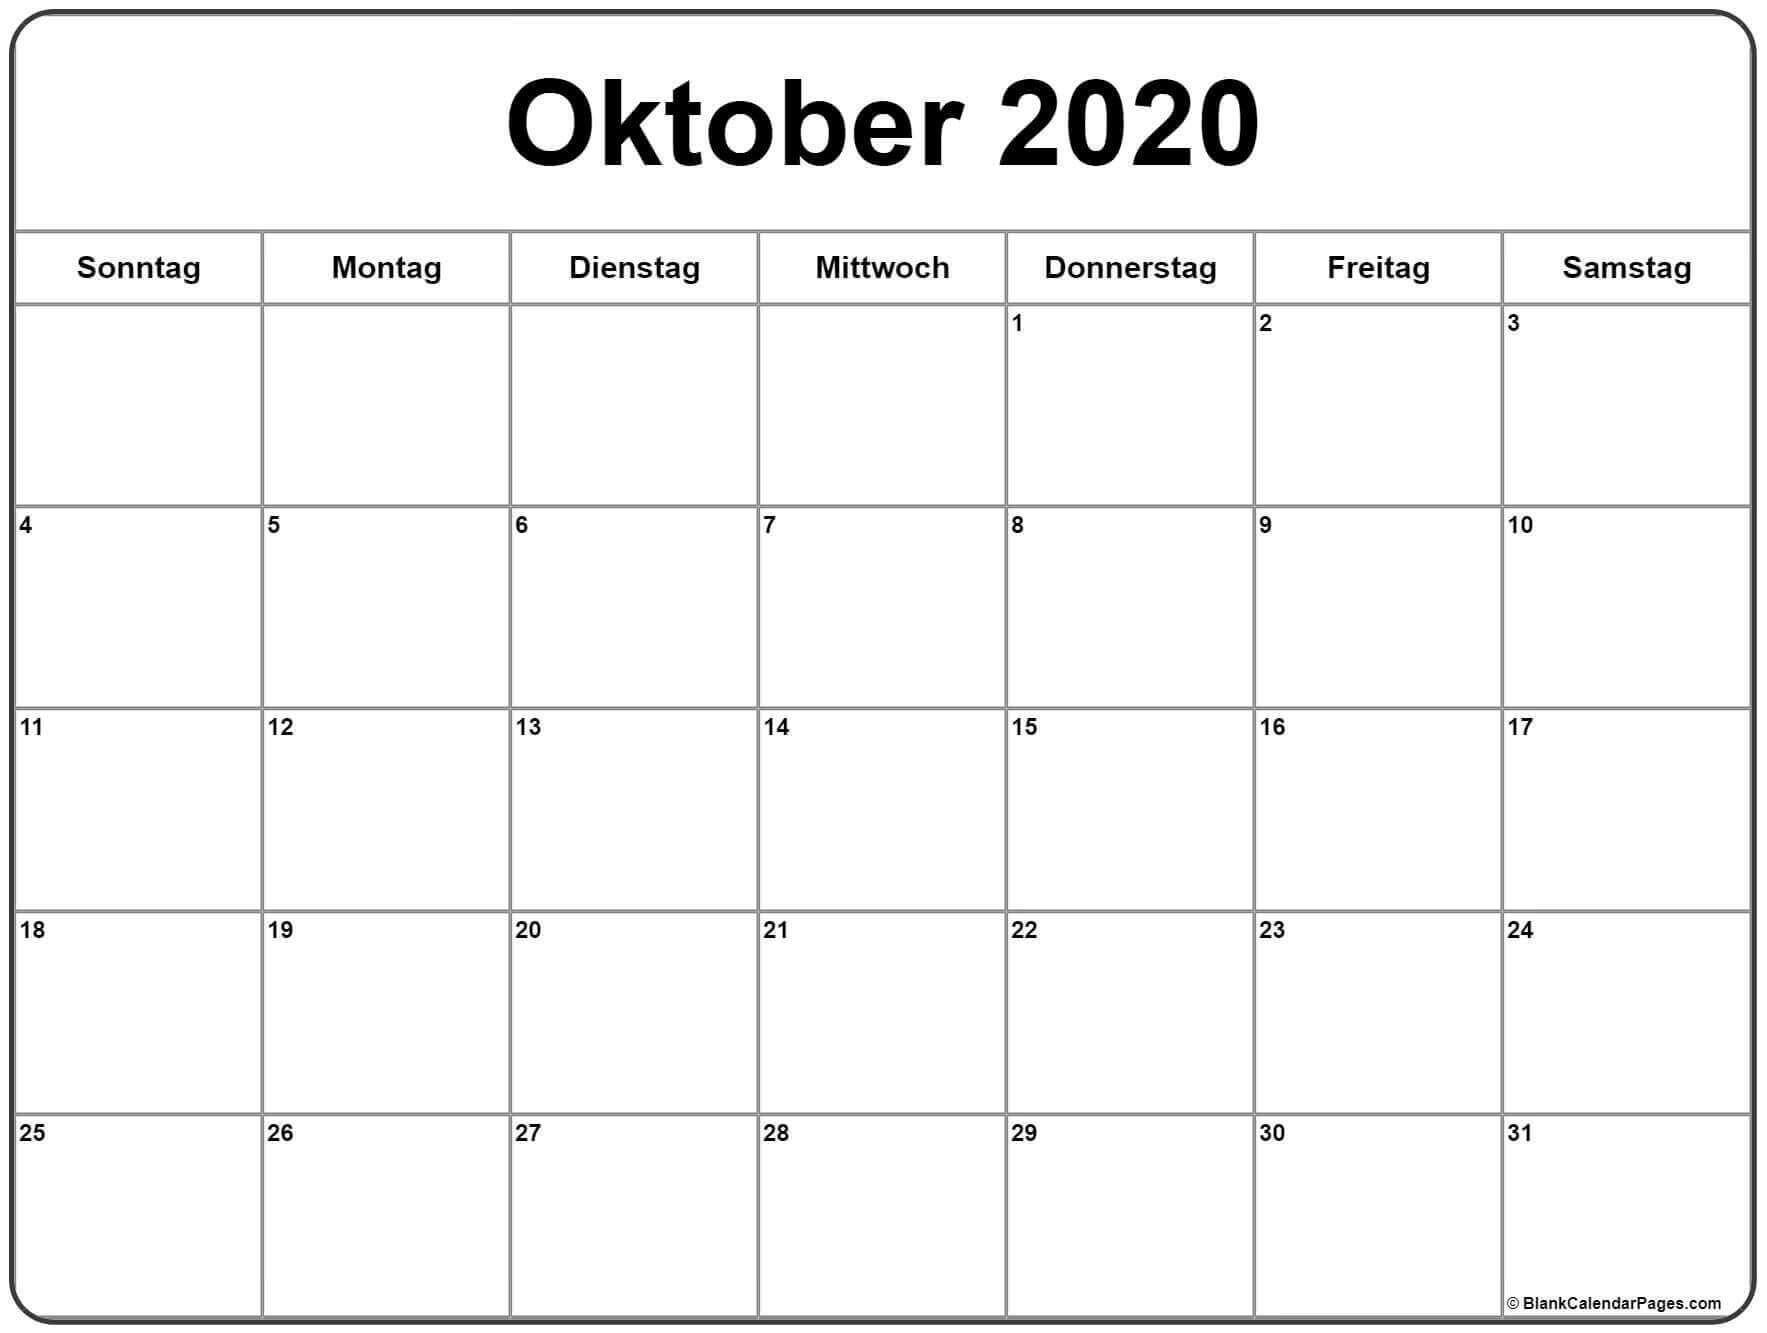 Oktober 2020 Kalender Druckbare Vorlagen In Pdf Word Excel 8 In 2020 Kalender Zum Ausdrucken Kalender August 2019 Kalender